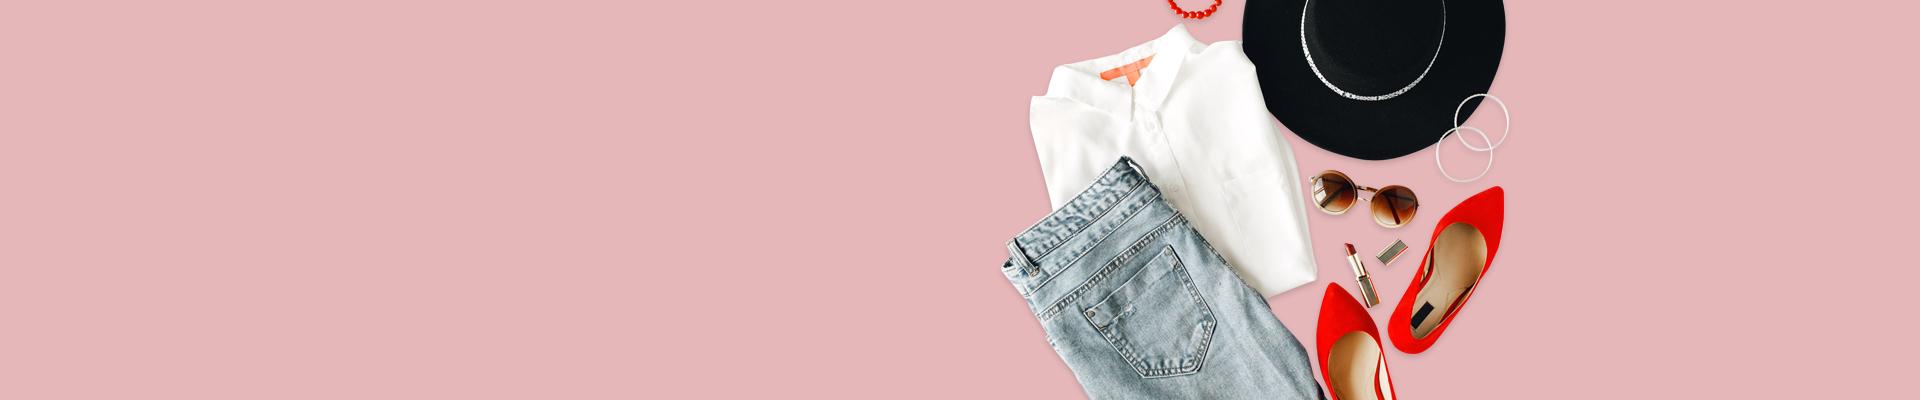 Fashion Wanita - Jual Fashion Wanita Online   Tokopedia